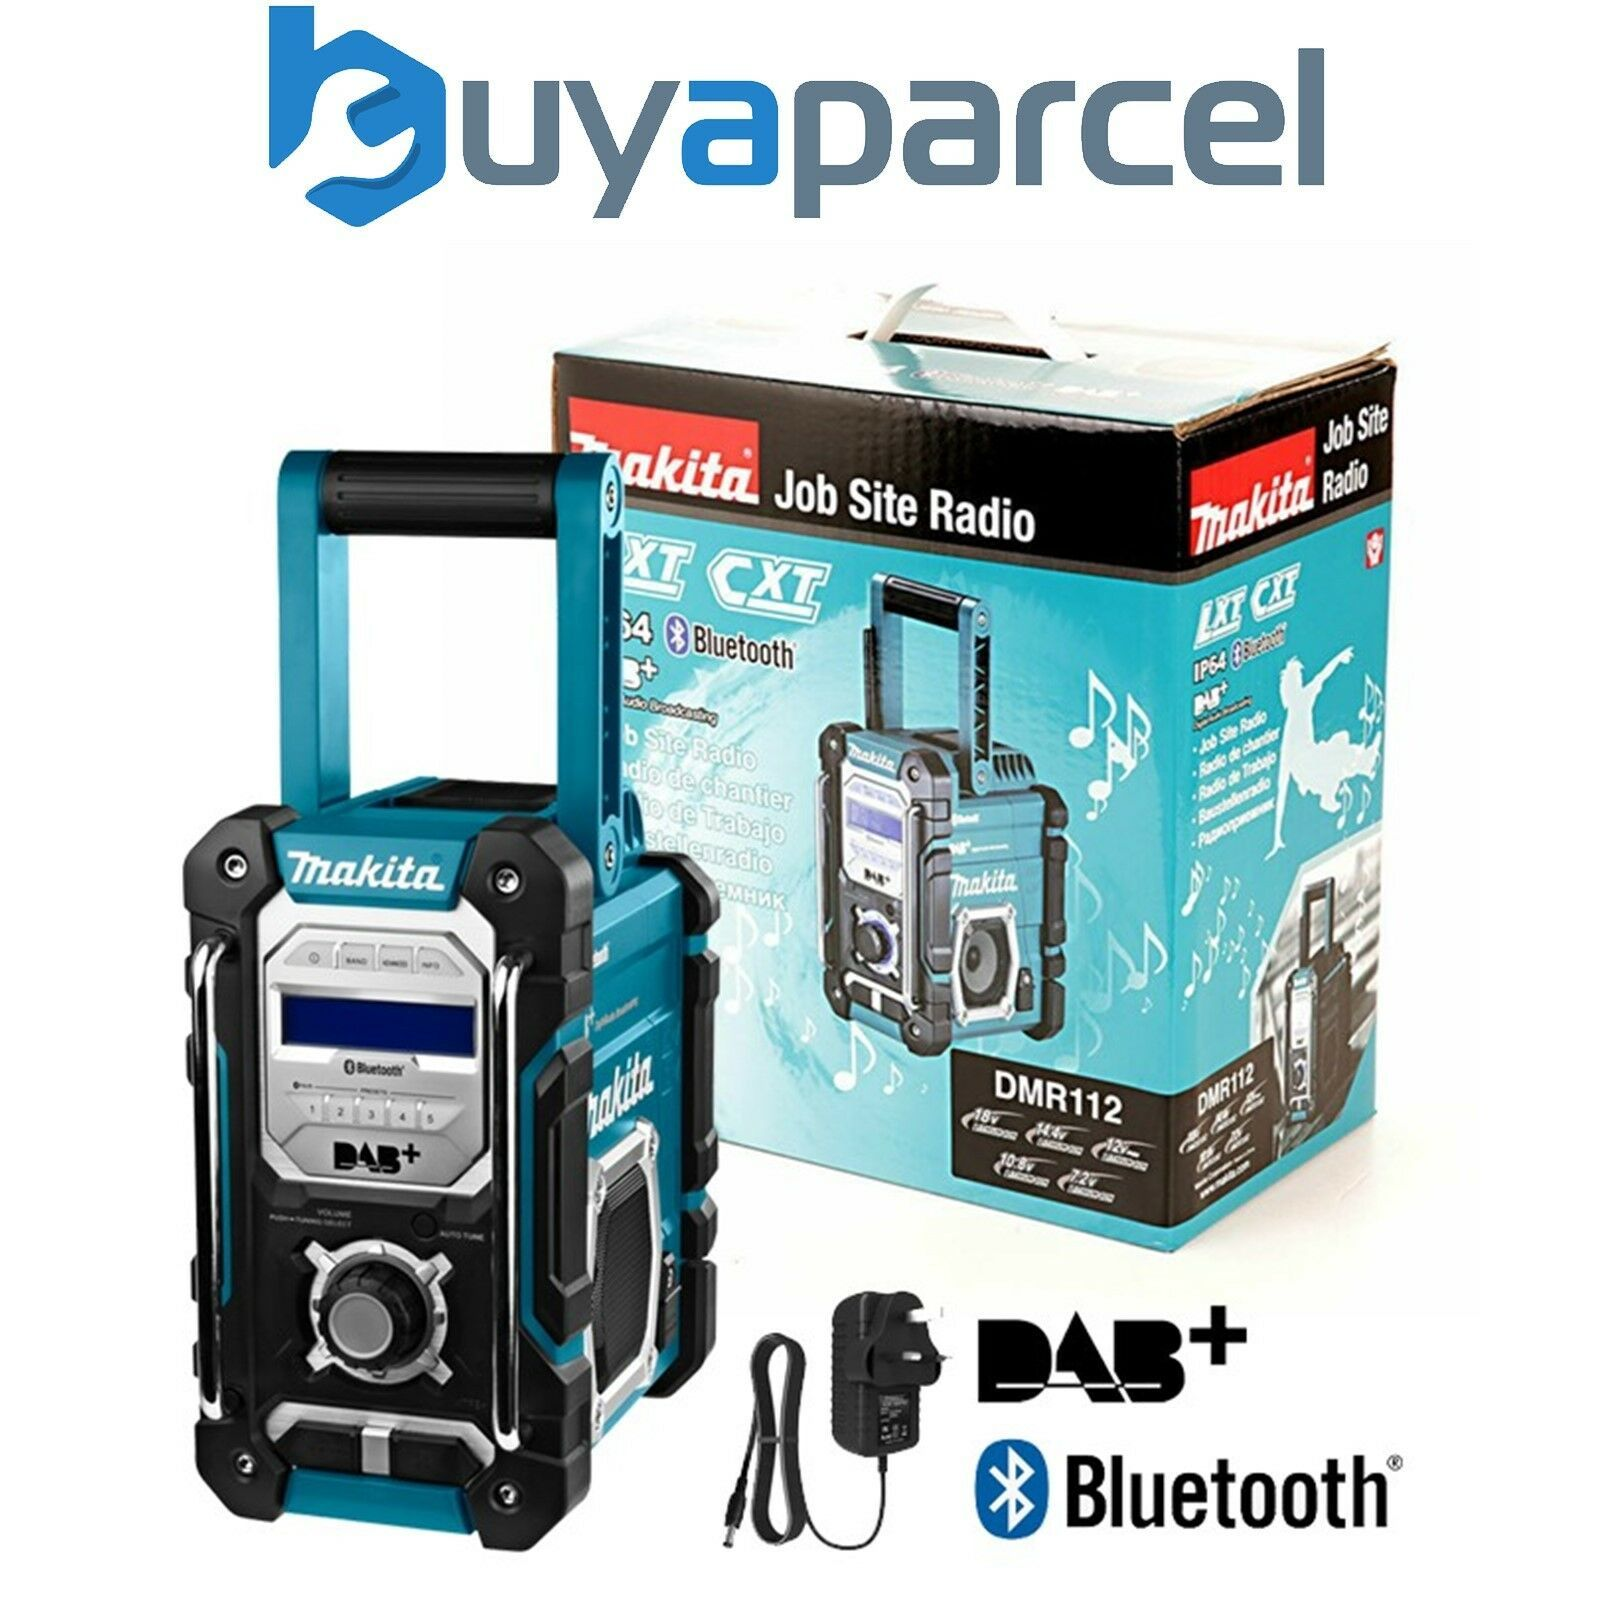 Details About Makita Dmr112 Digital Dab Site Radio Dab Bluetooth Usb Charger 18v Lxt 12v Cxt Site Radio Radio Bluetooth Radio